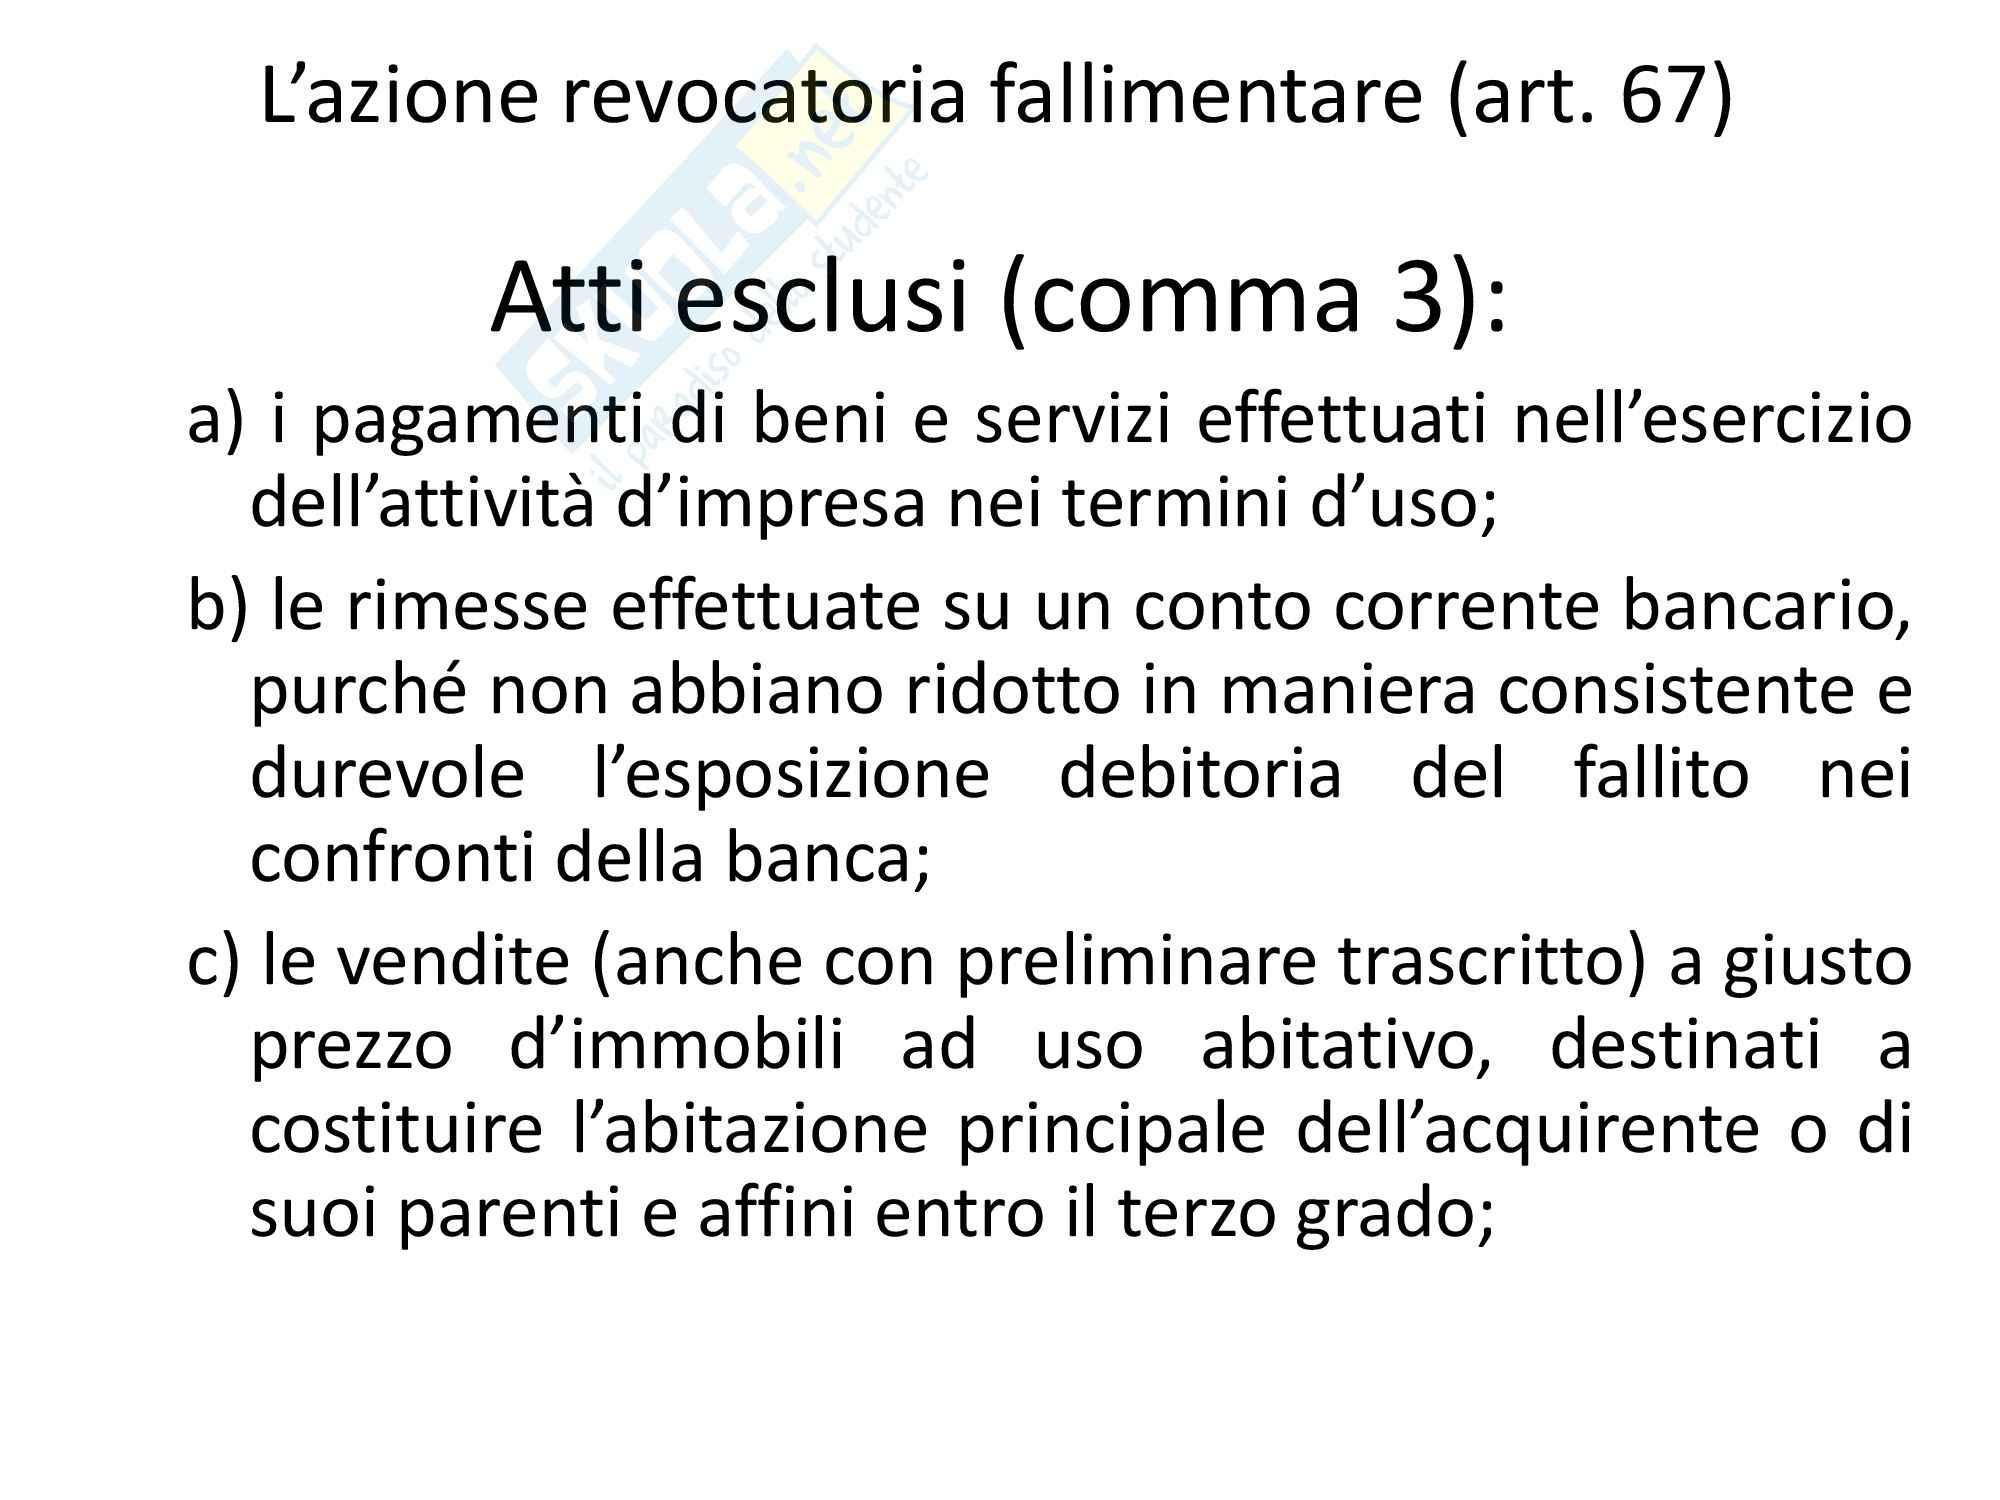 Diritto fallimentare - La nuova disciplina Pag. 41